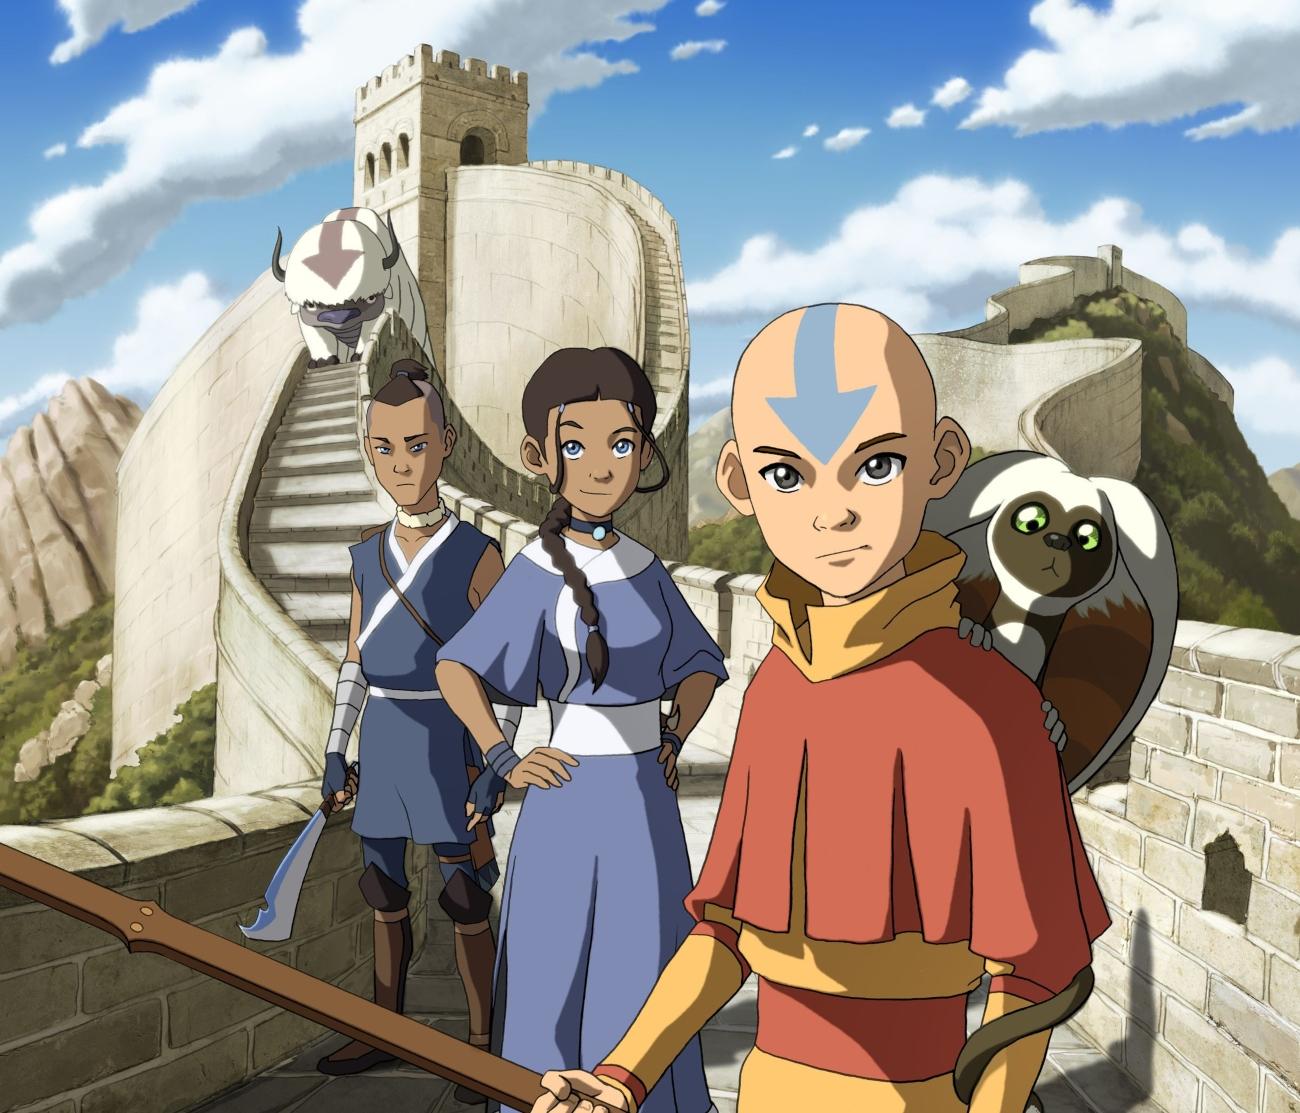 Avatar: The Last Airbender characters Aang, Katara, and Sokka will be leaving Netflix